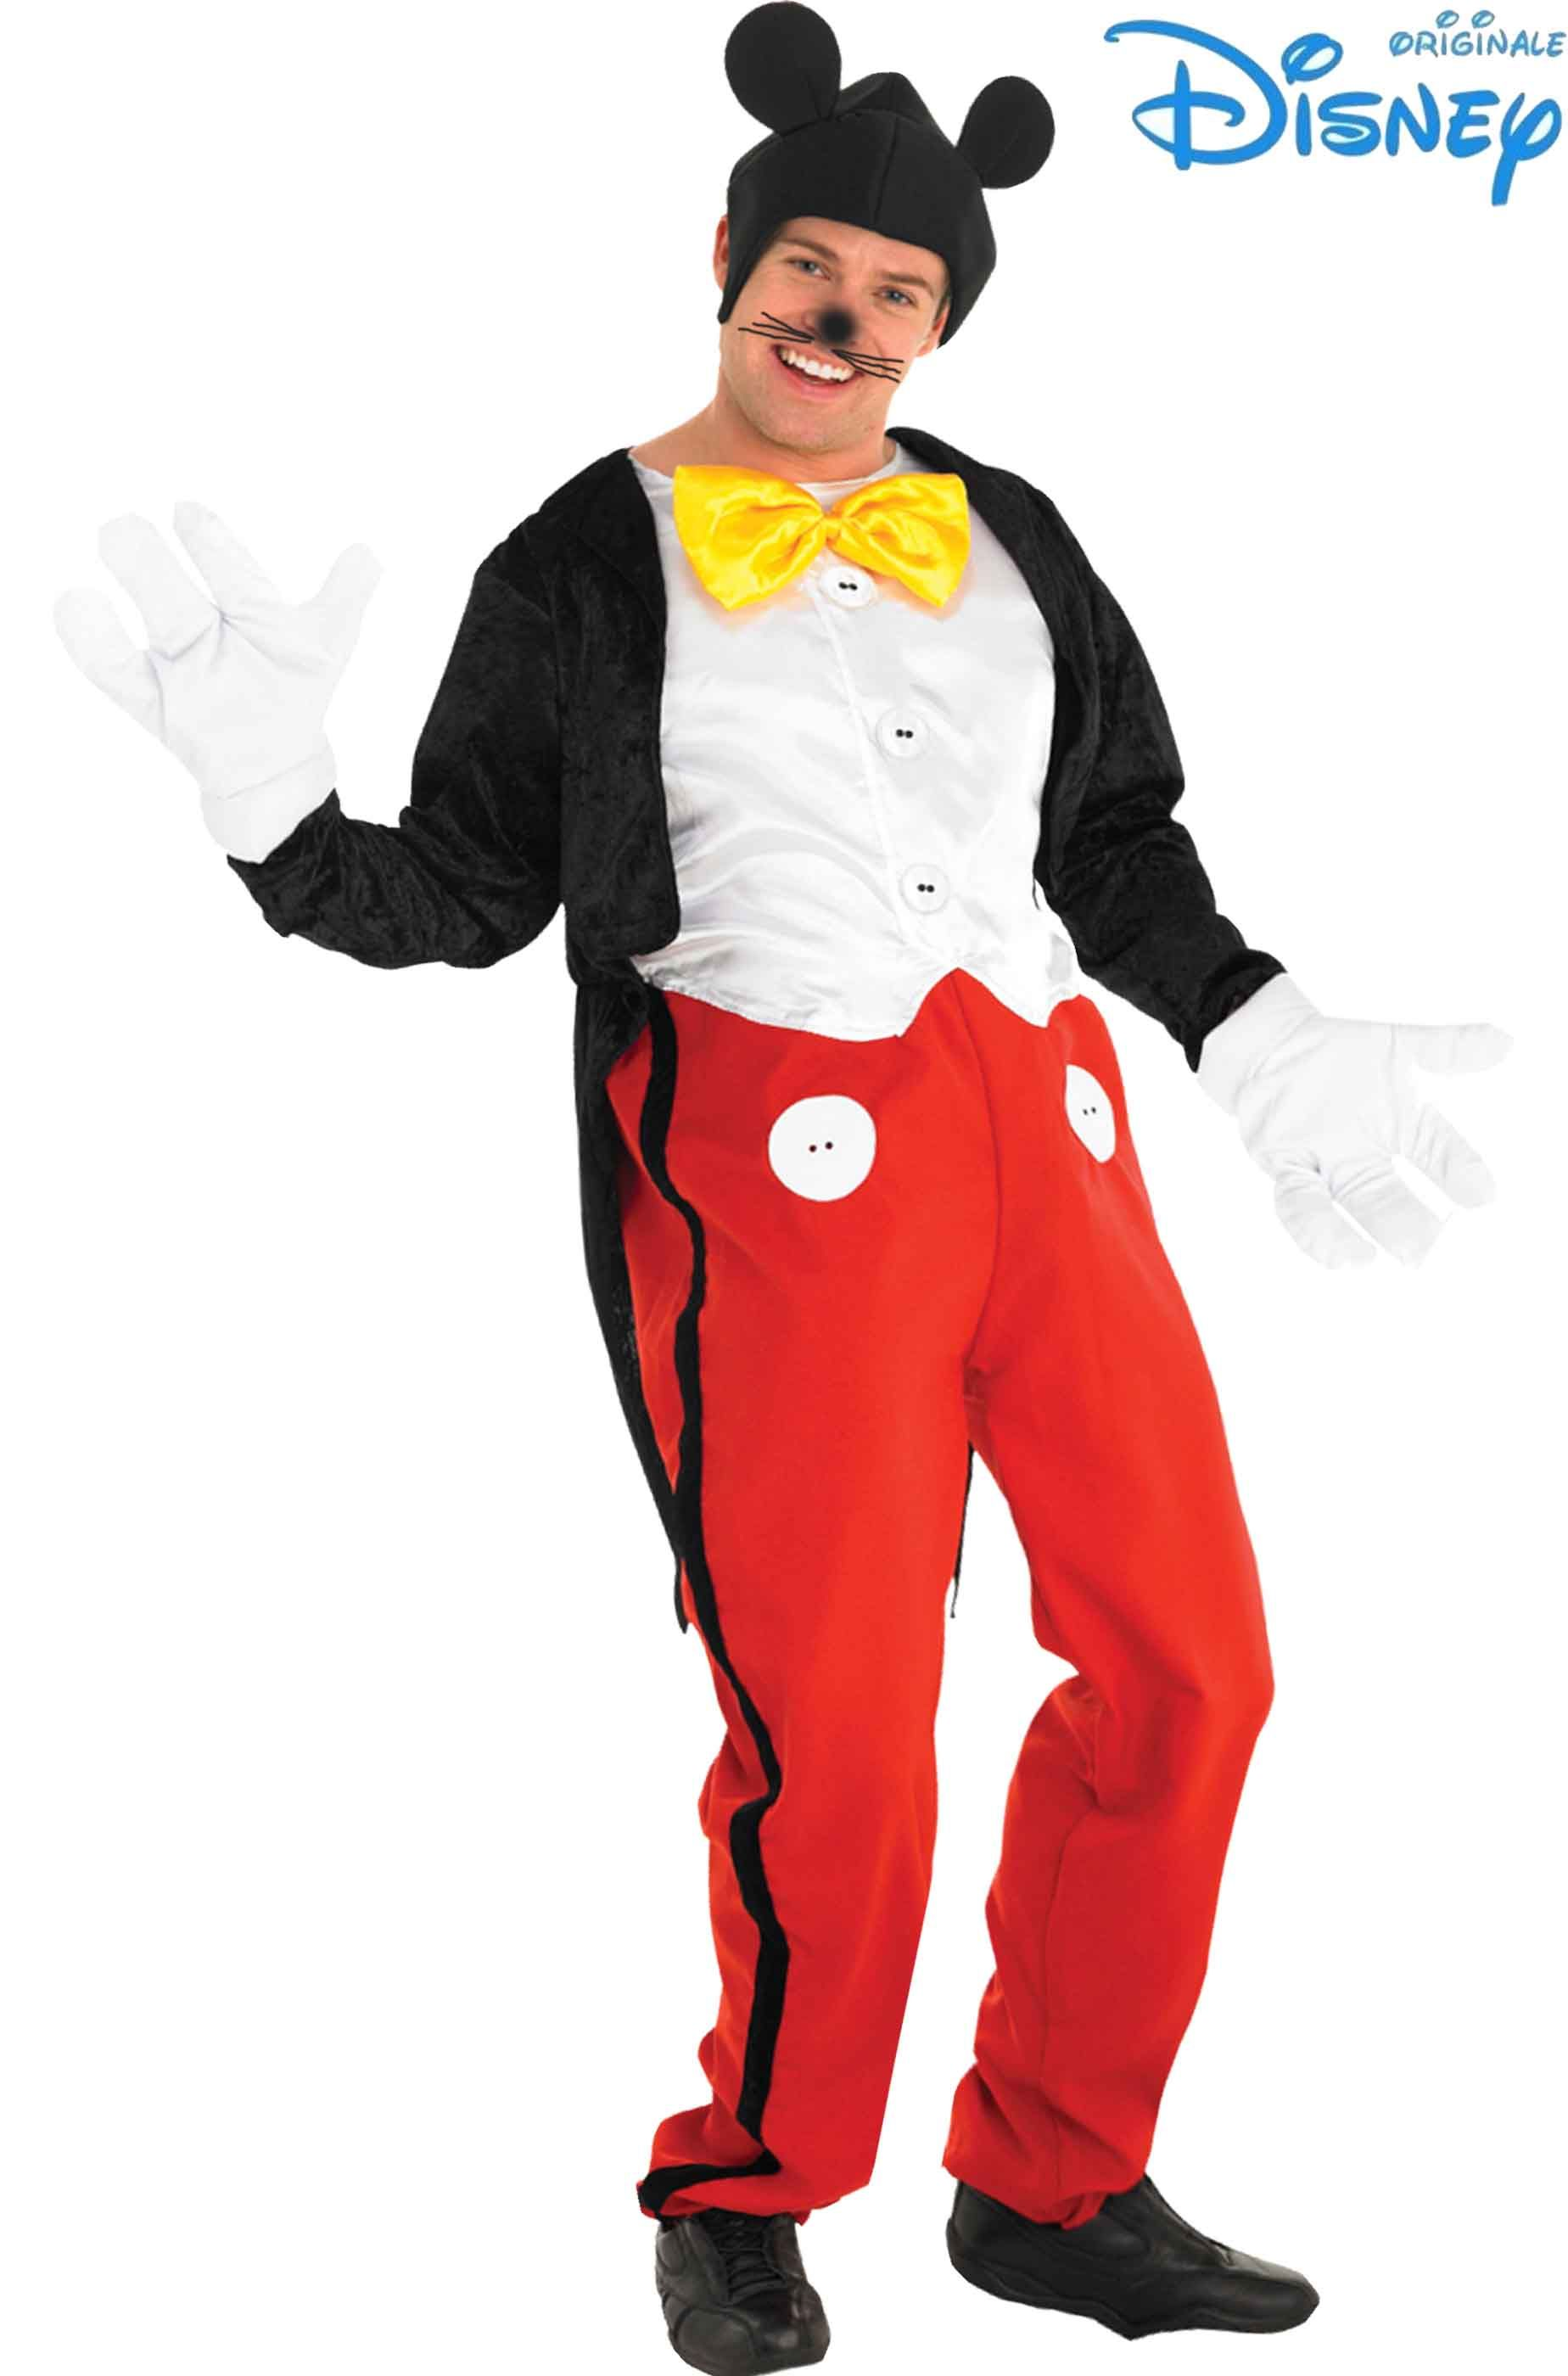 promozione speciale ultimo sconto scegli ufficiale Costume di Carnevale Topolino Mickey Mouse adulto originale Disney